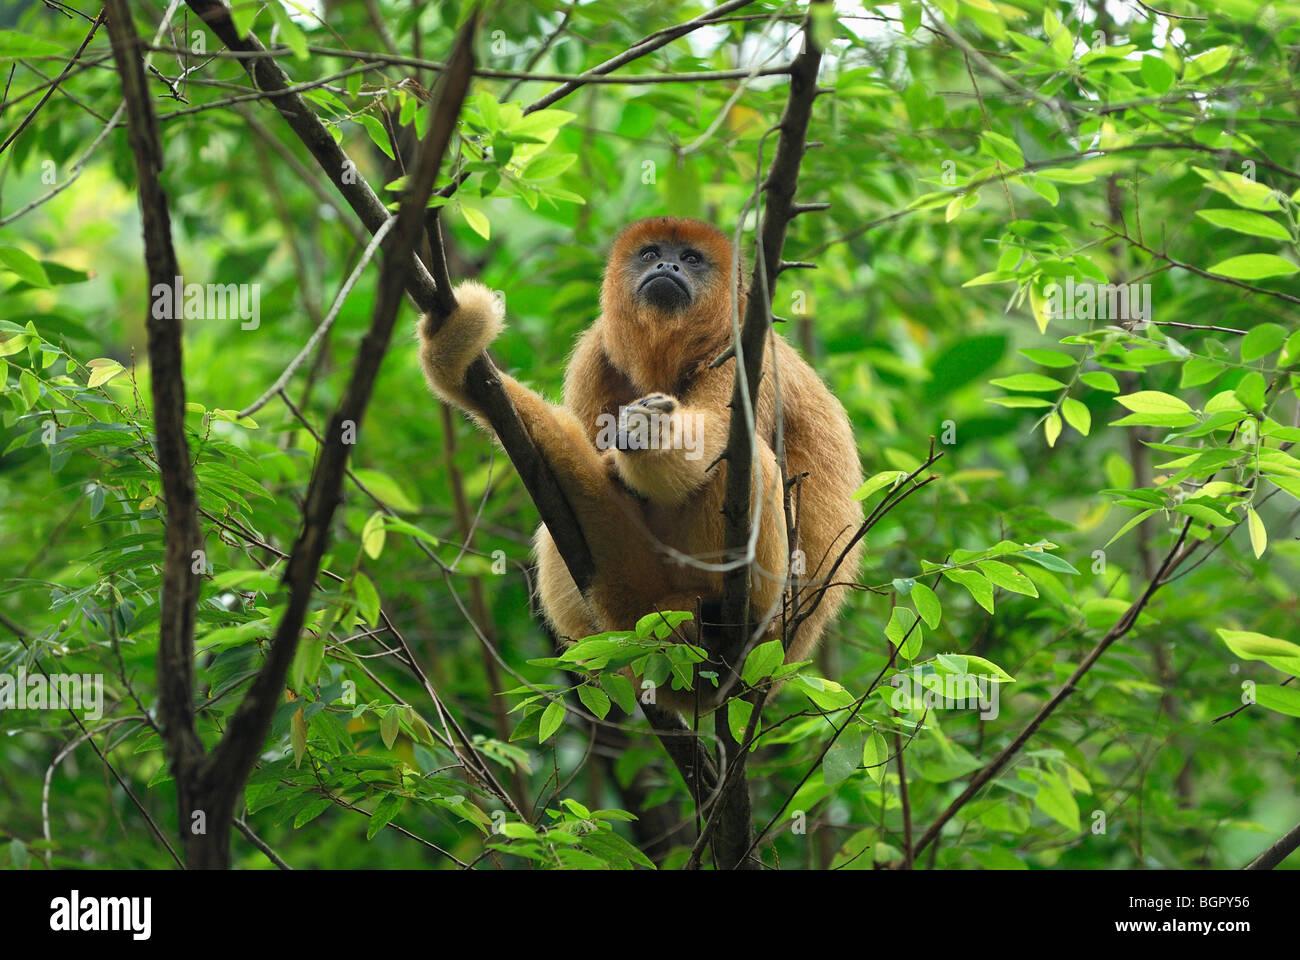 Nero-e-Gold scimmia urlatrice (Alouatta caraya), Adulto, Brasile Immagini Stock